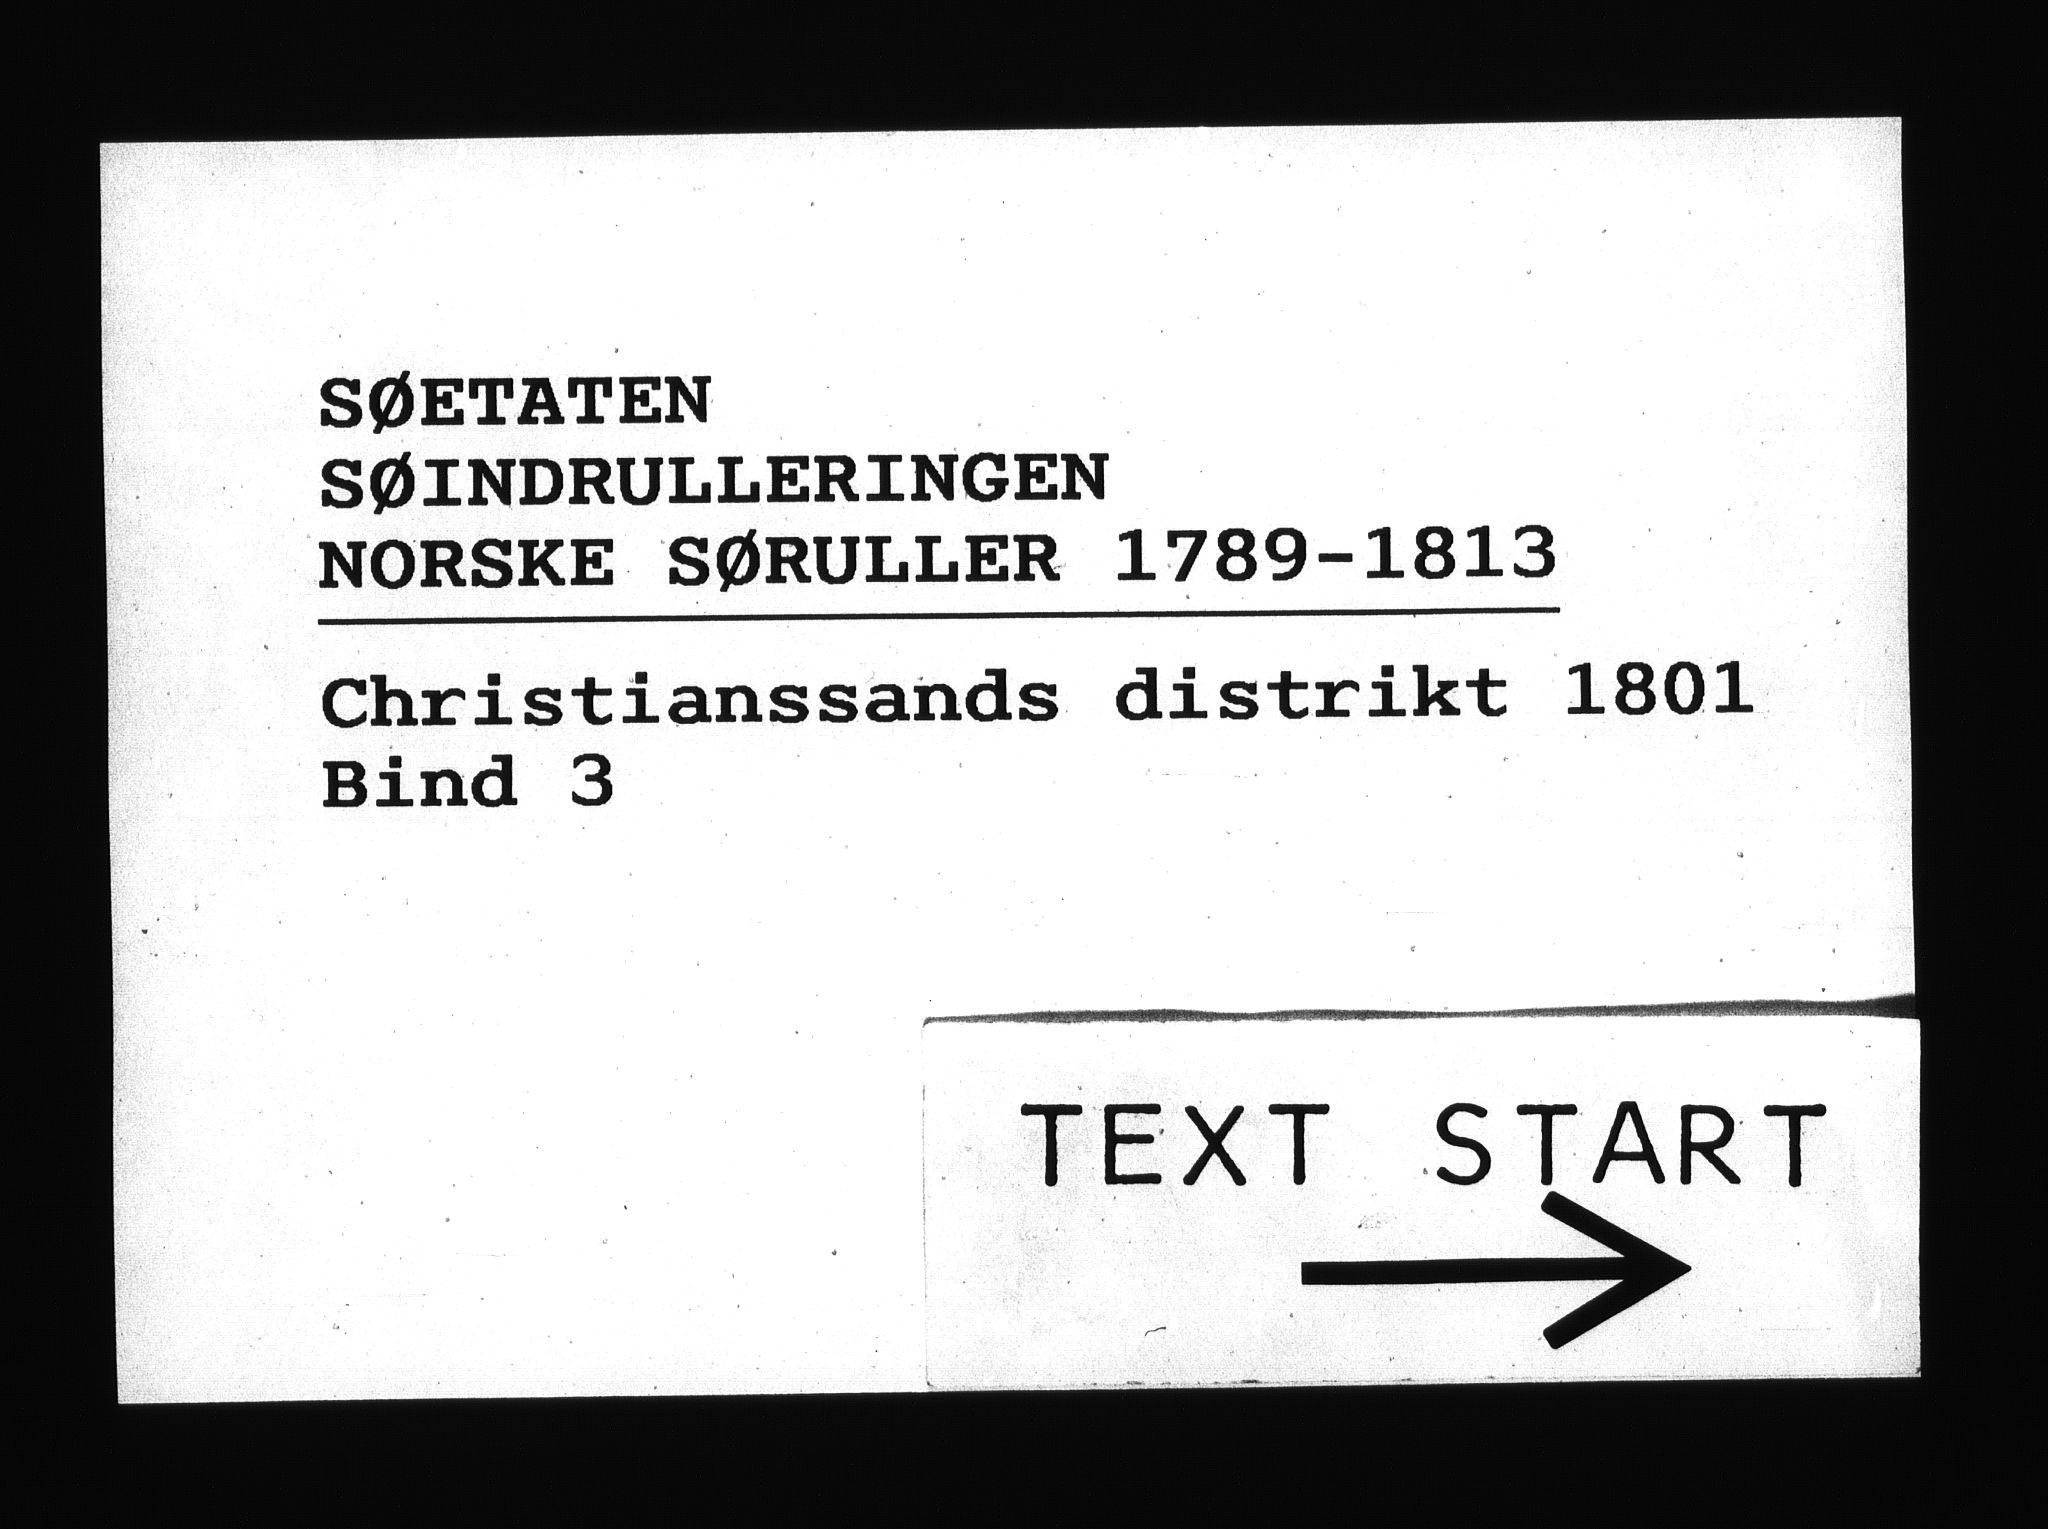 RA, Sjøetaten, F/L0044: Kristiansand distrikt, bind 3, 1801